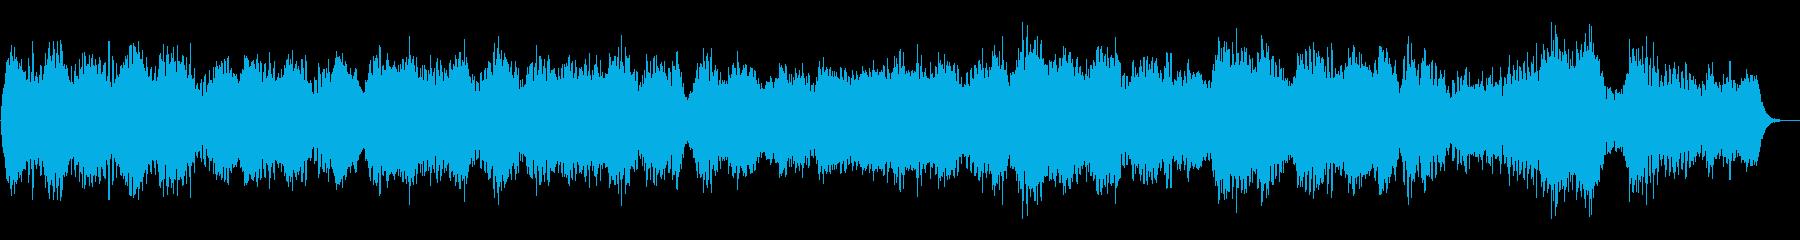 天上界で流れる音の波を進むようなBGMの再生済みの波形